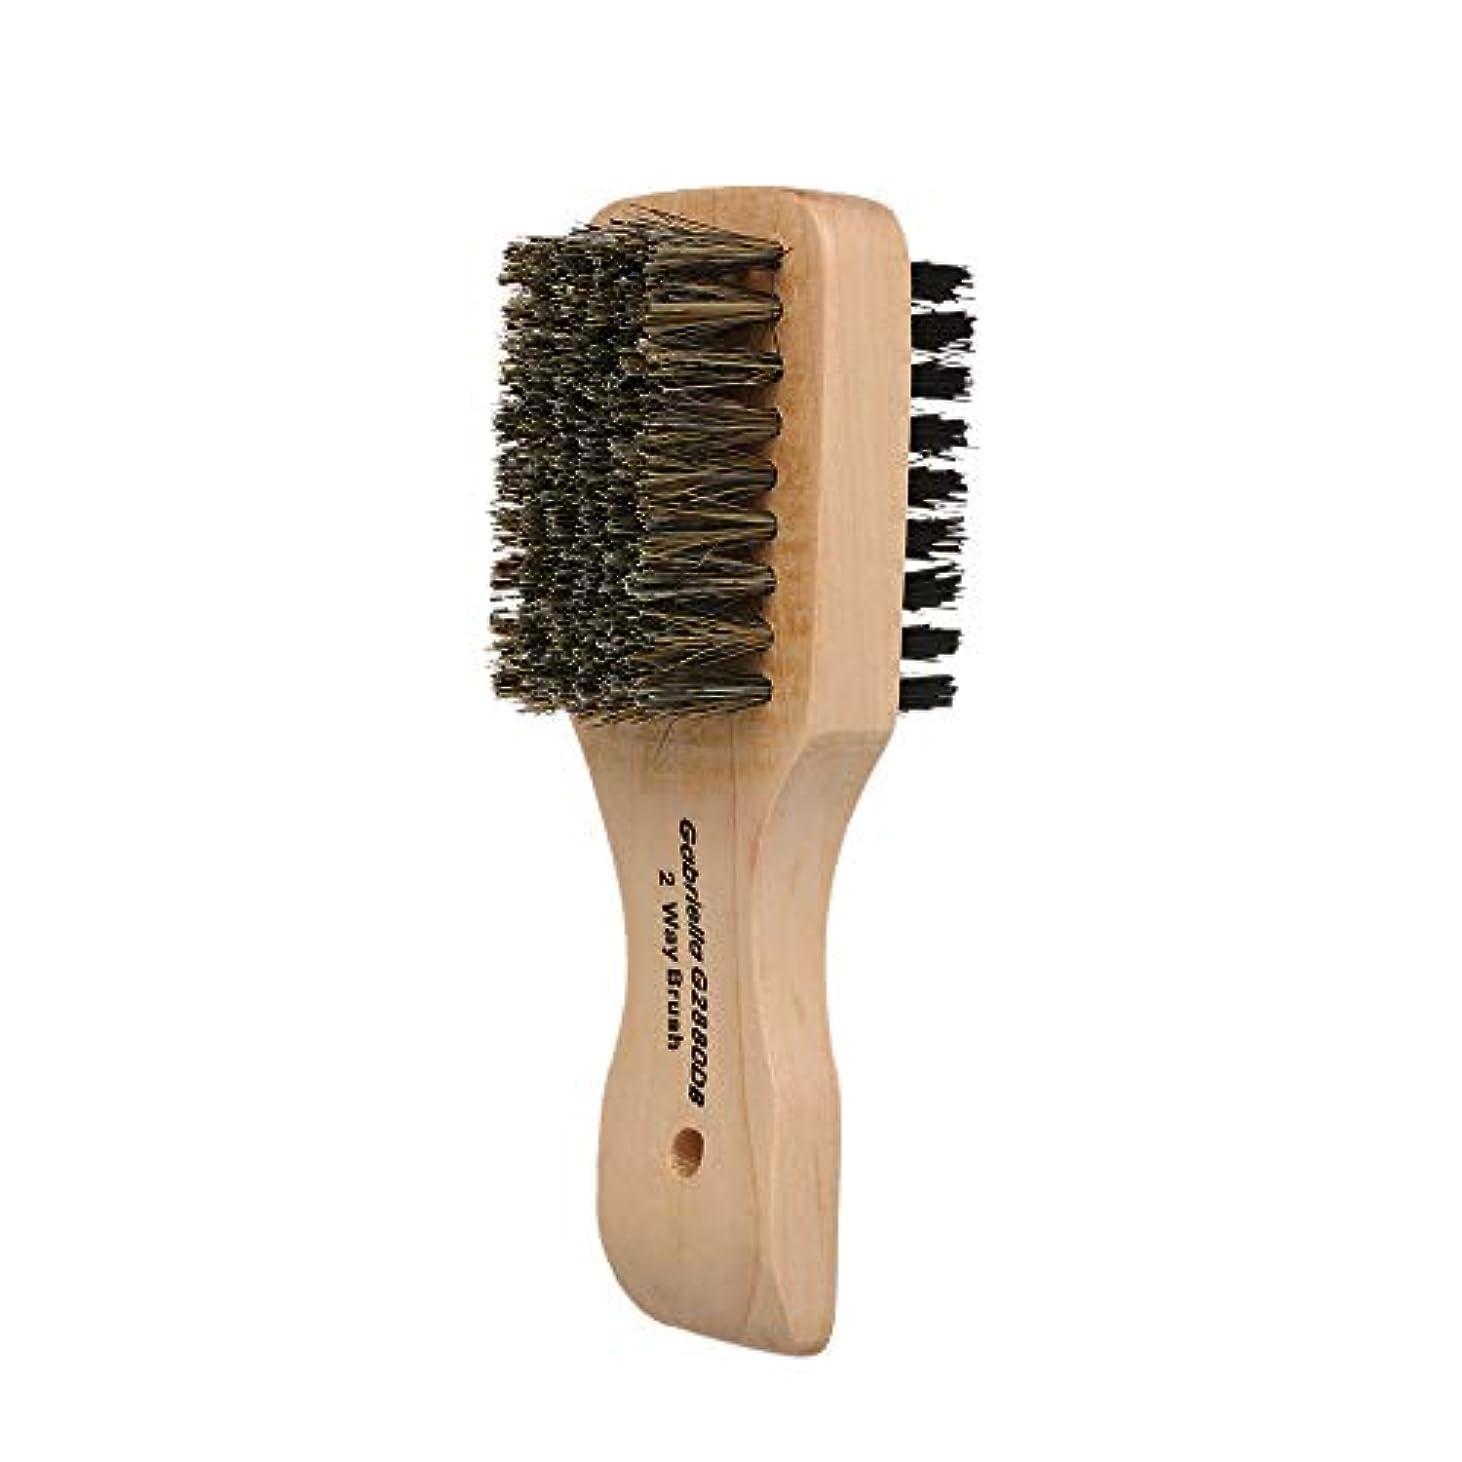 肌寒い違法租界Decdeal シェービングブラシ メンズ 理容 洗顔 髭剃り